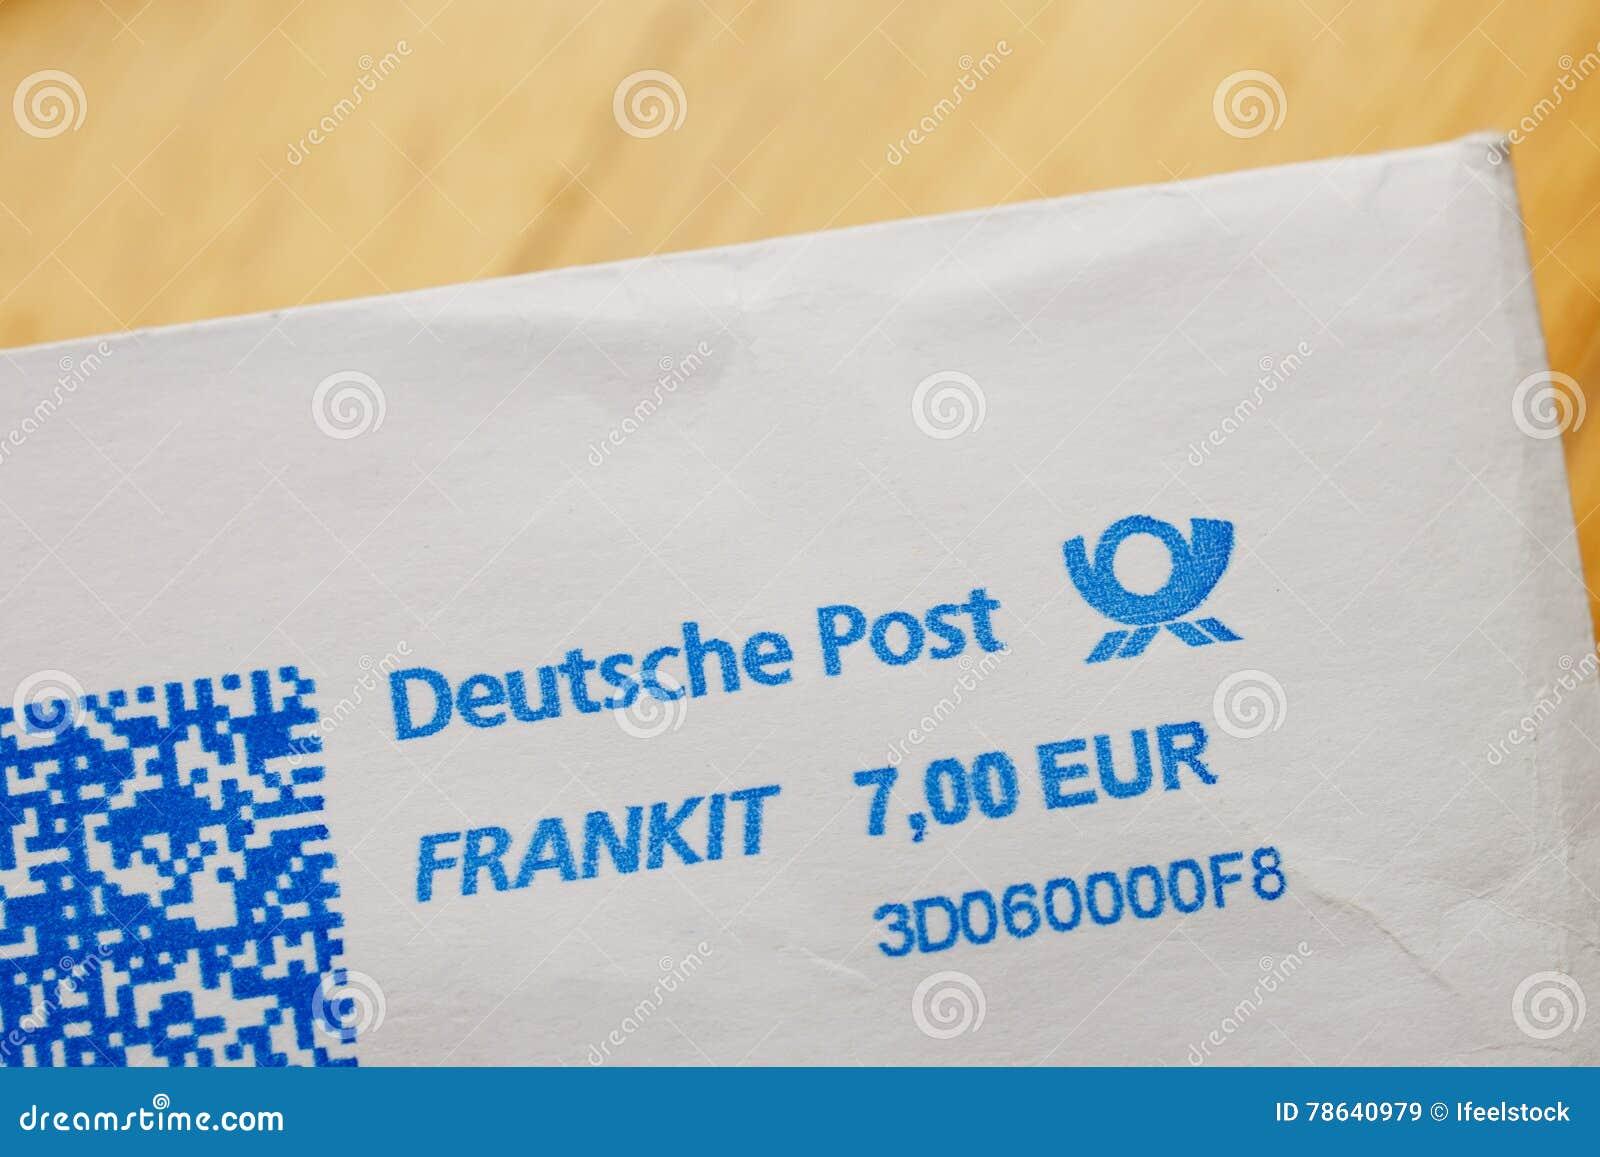 deutsche post amazing deutsche post express deutschland mb sprinter with deutsche post. Black Bedroom Furniture Sets. Home Design Ideas